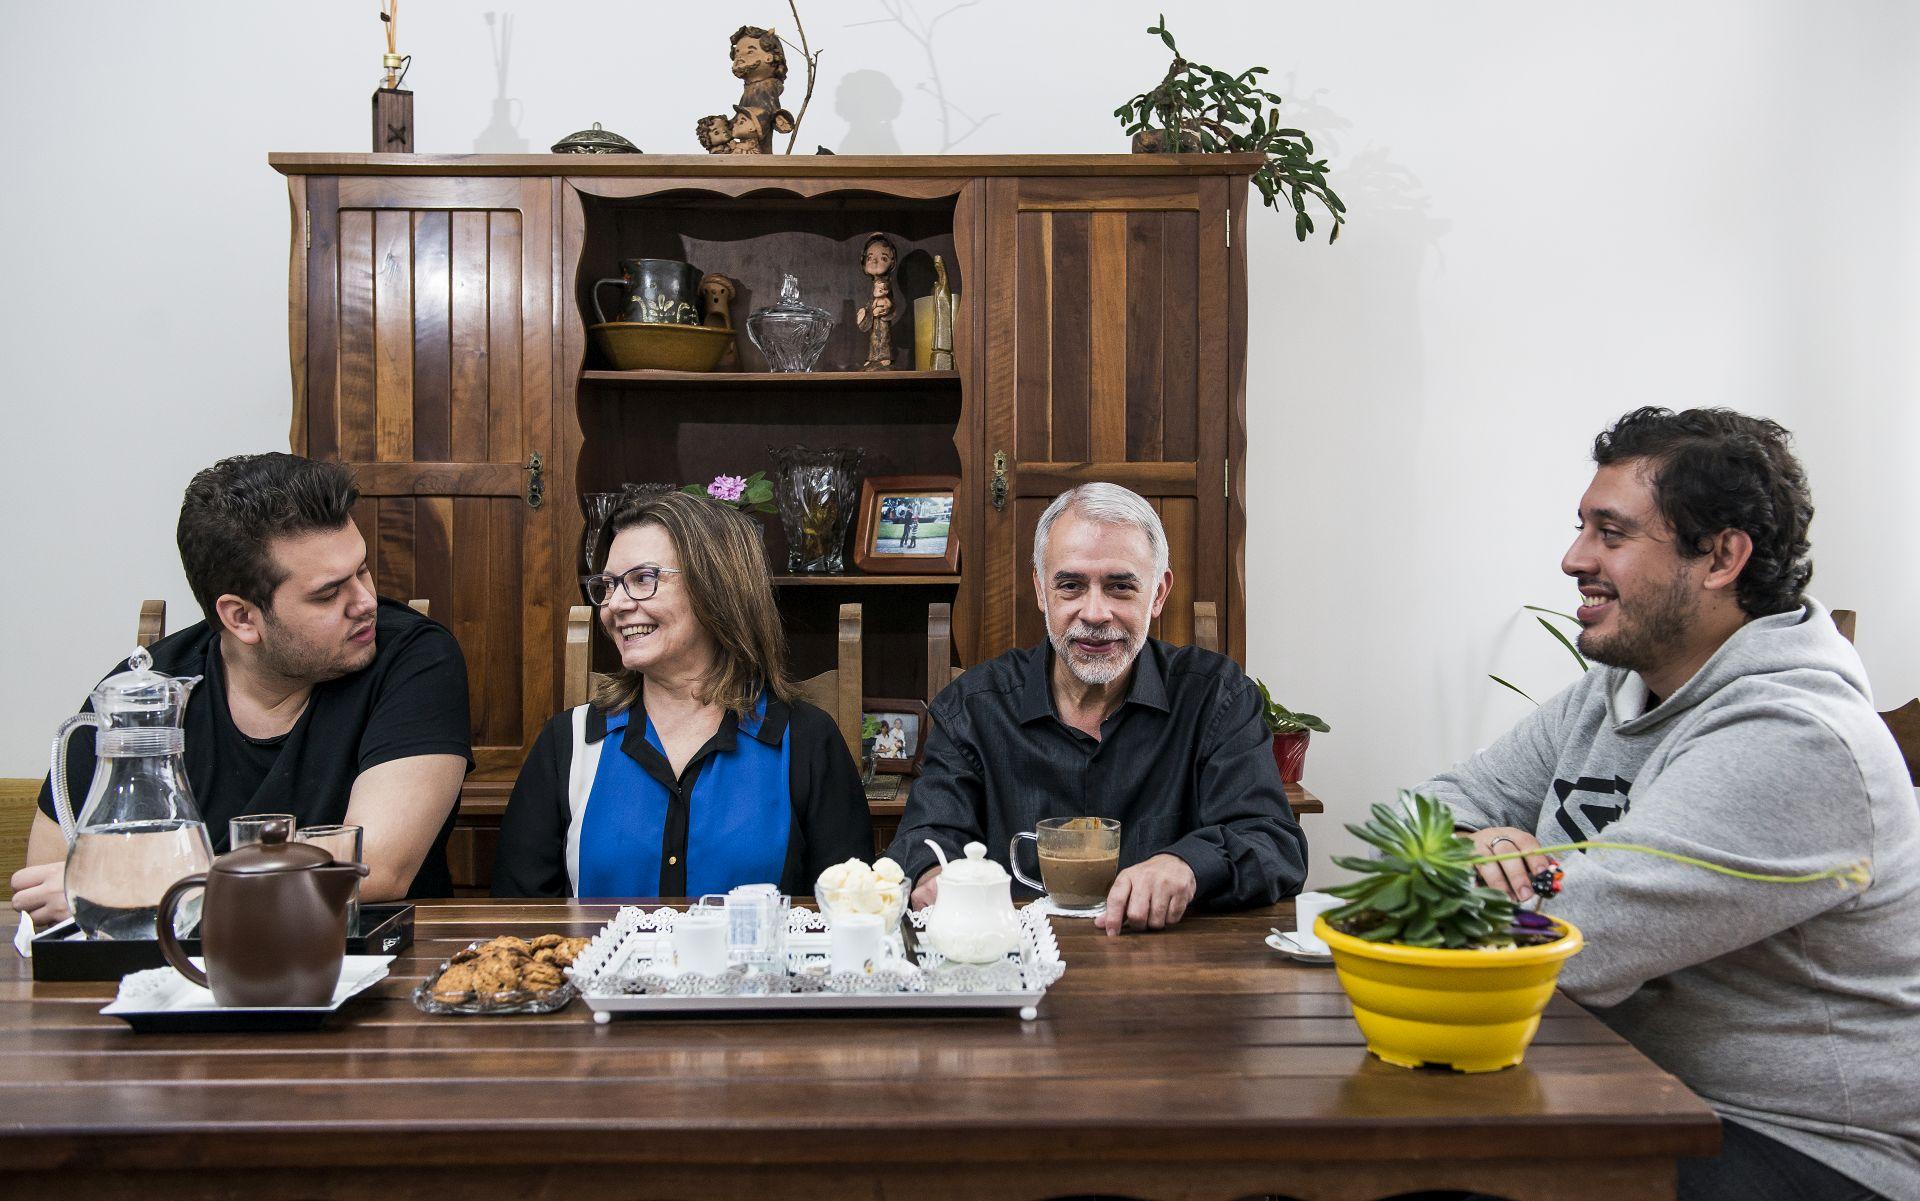 Os momentos da família reunida em volta da mesa são raros e, quando ocorrem, Leocádio apenas toma seu café ou degusta alguma coisa. Foto: Leticia Akemi